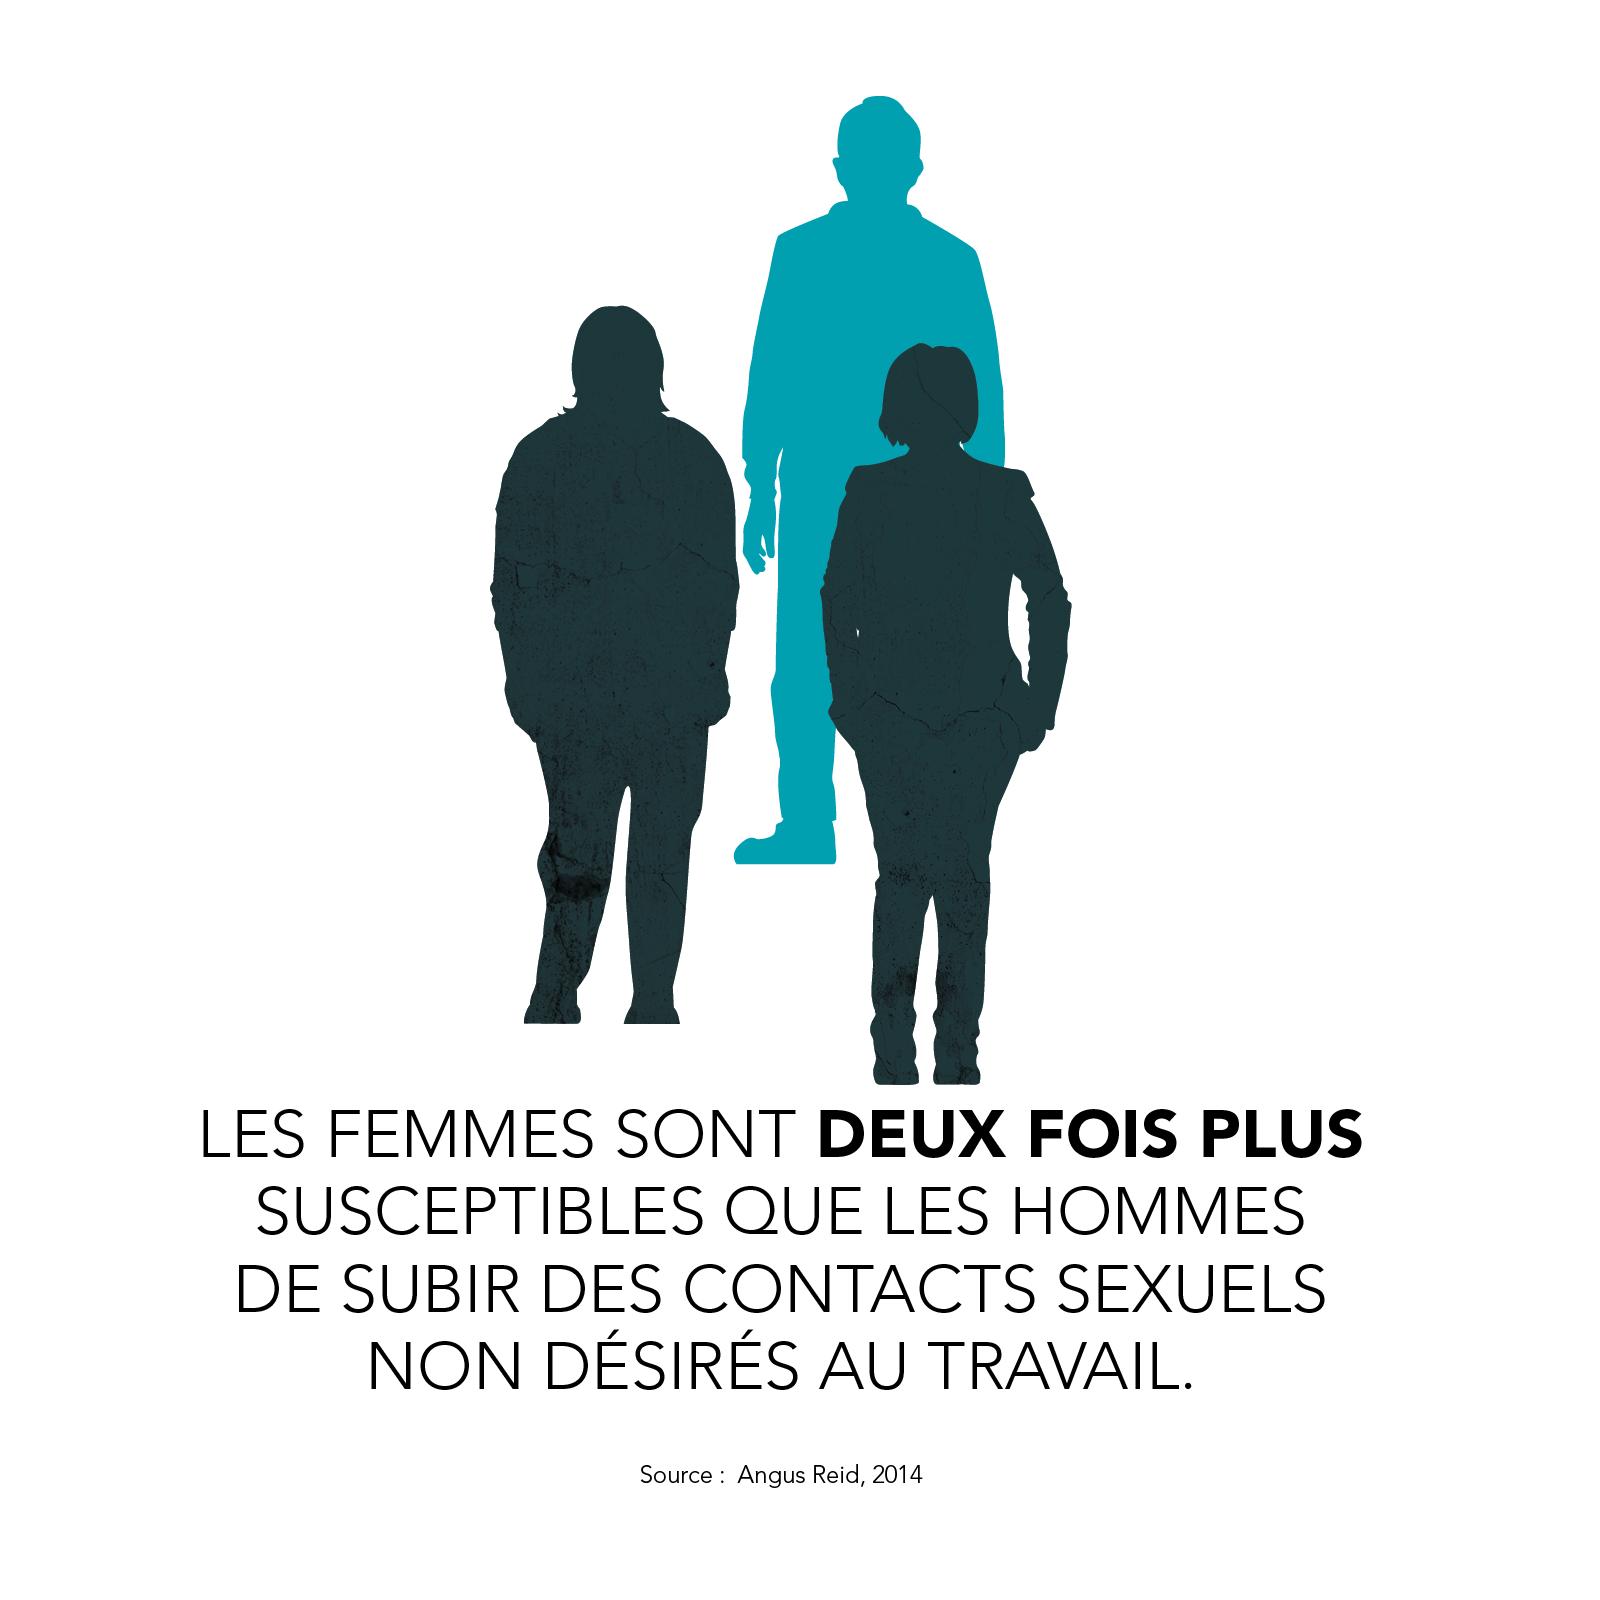 Les femmes sont deux fois plus susceptibles que les hommes de subir des contacts sexuels non désirés au travail.